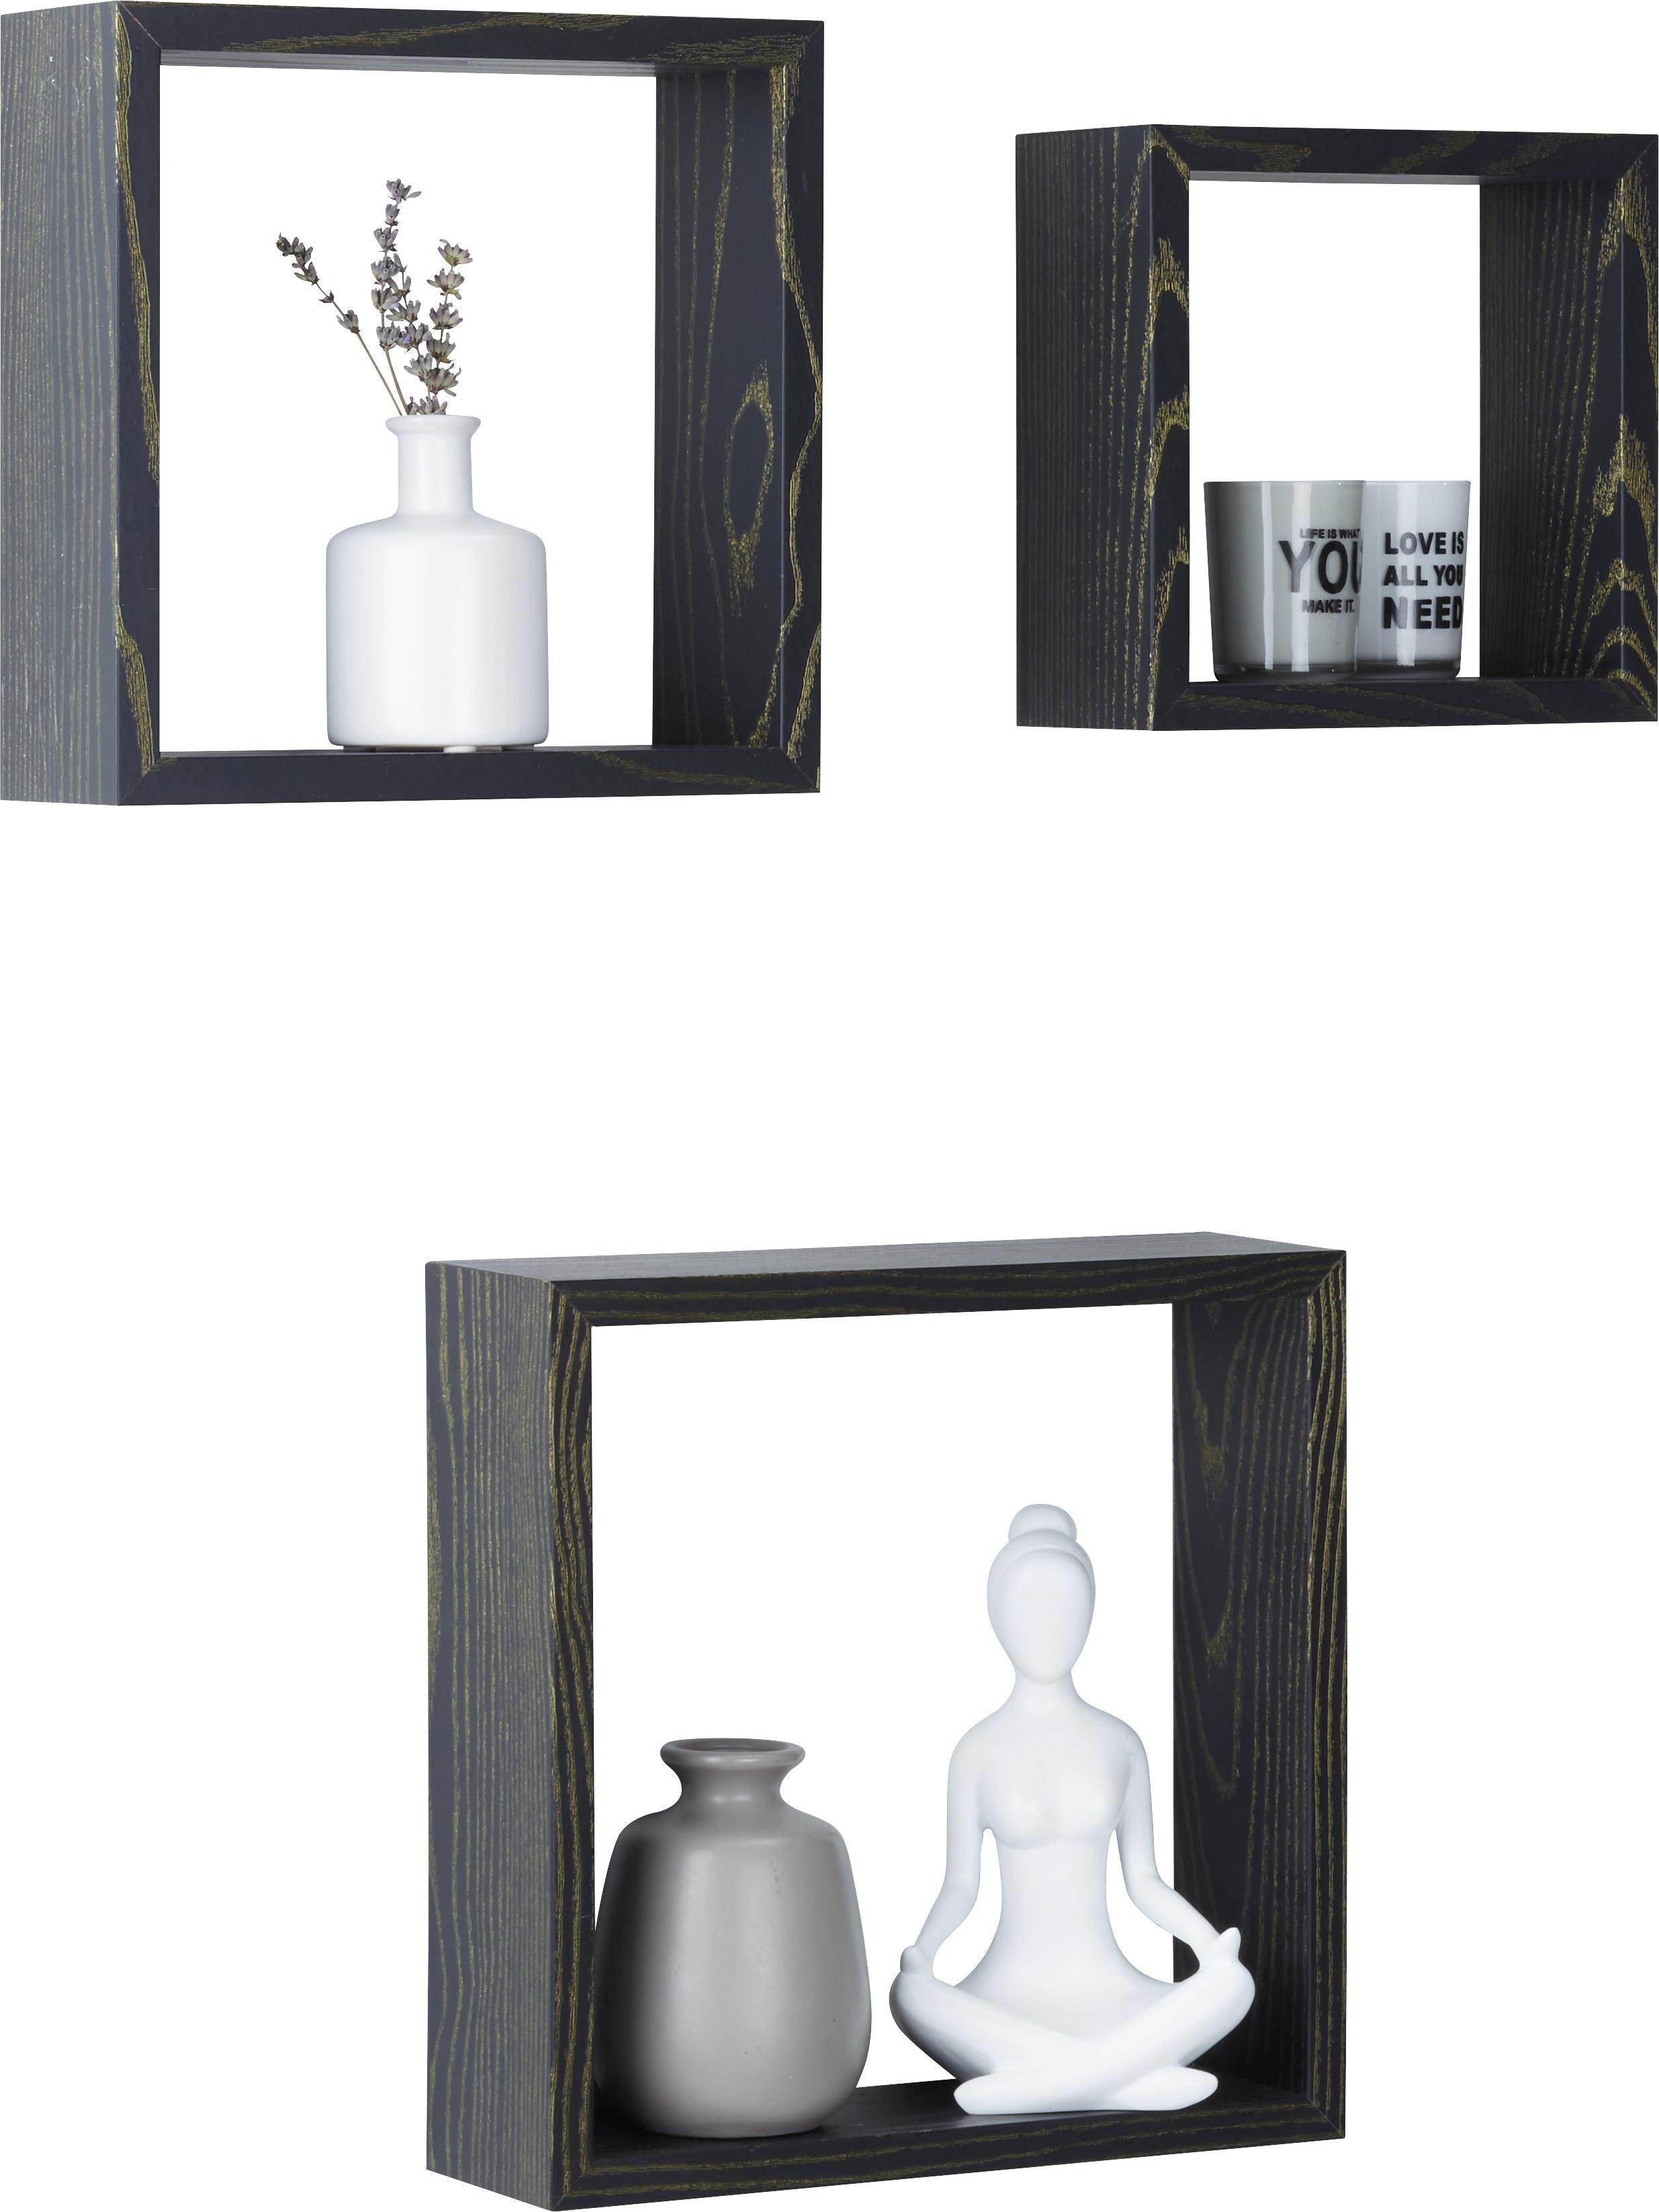 Wandboard in Schwarz/Esche - Schwarz, MODERN, Holzwerkstoff (30/25/20/30/25/20/9cm) - MÖMAX modern living